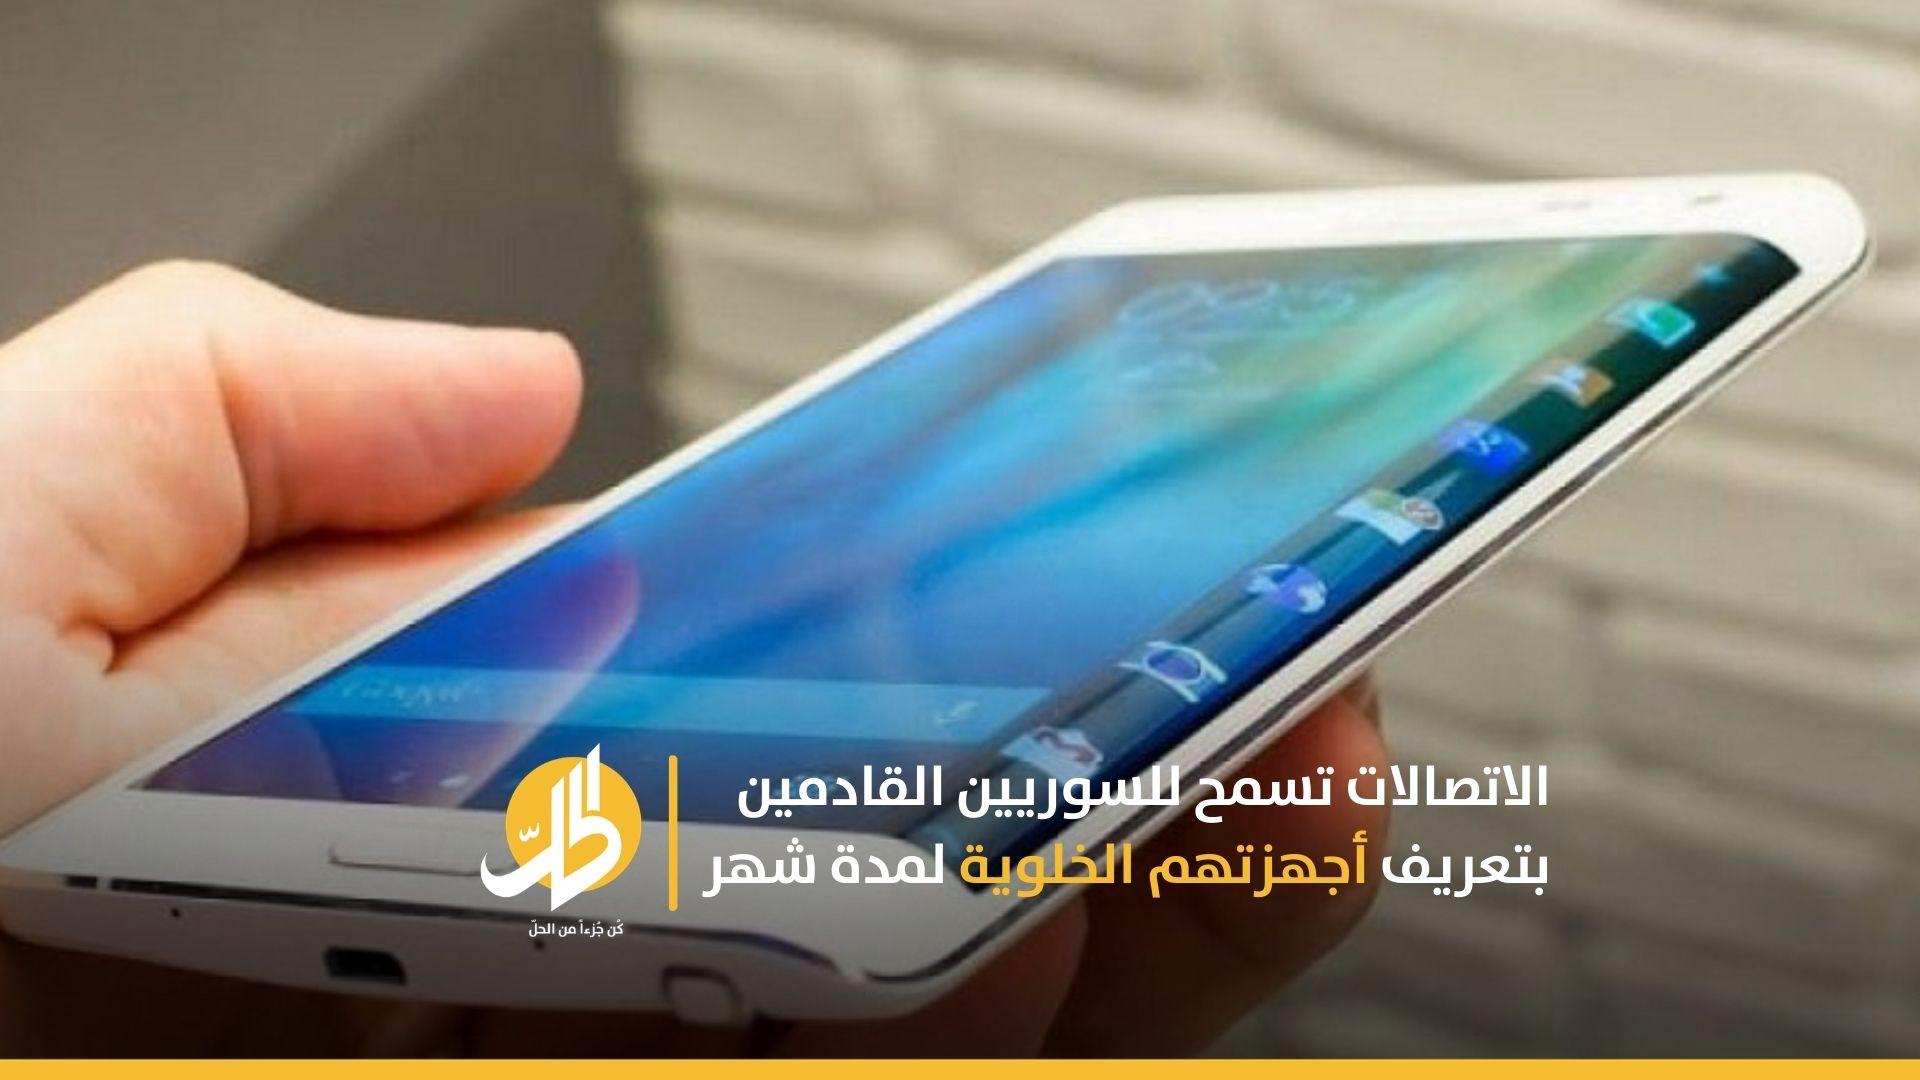 الاتصالات تسمح للسوريين القادمين بتعريف أجهزتهم الخلوية لمدة شهر